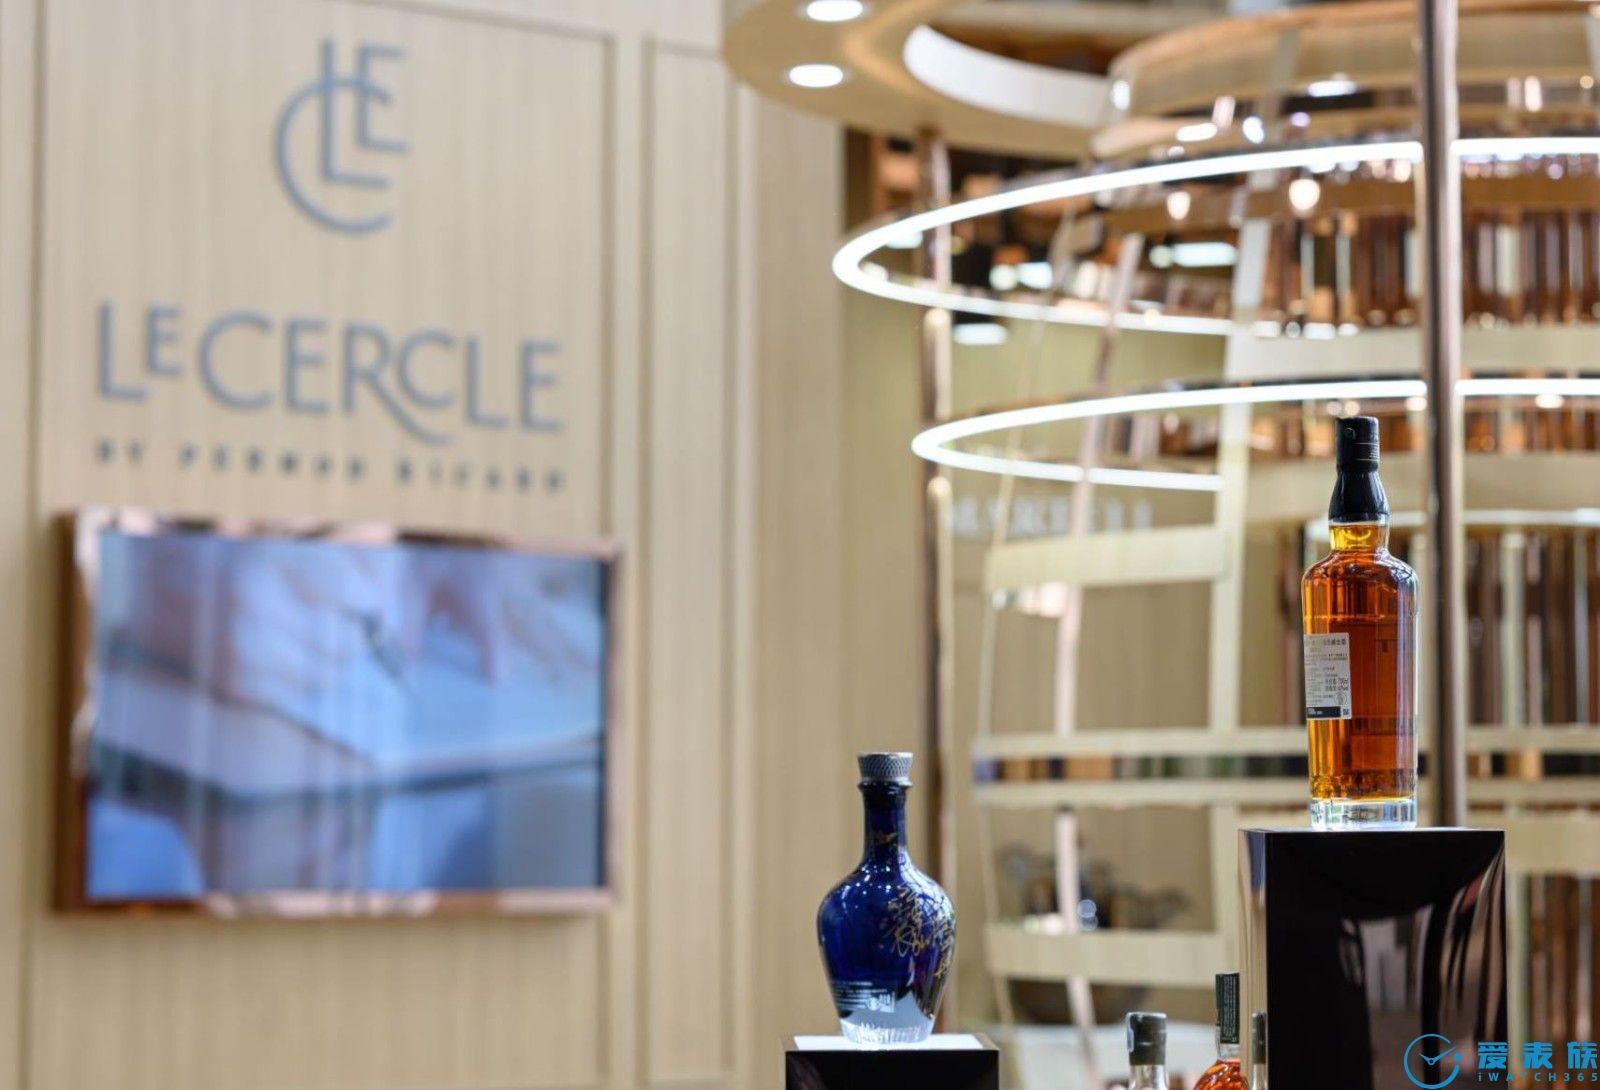 """Le Cercle樽境俱乐部再度携手""""钟表与奇迹"""",致敬精致生活艺术"""